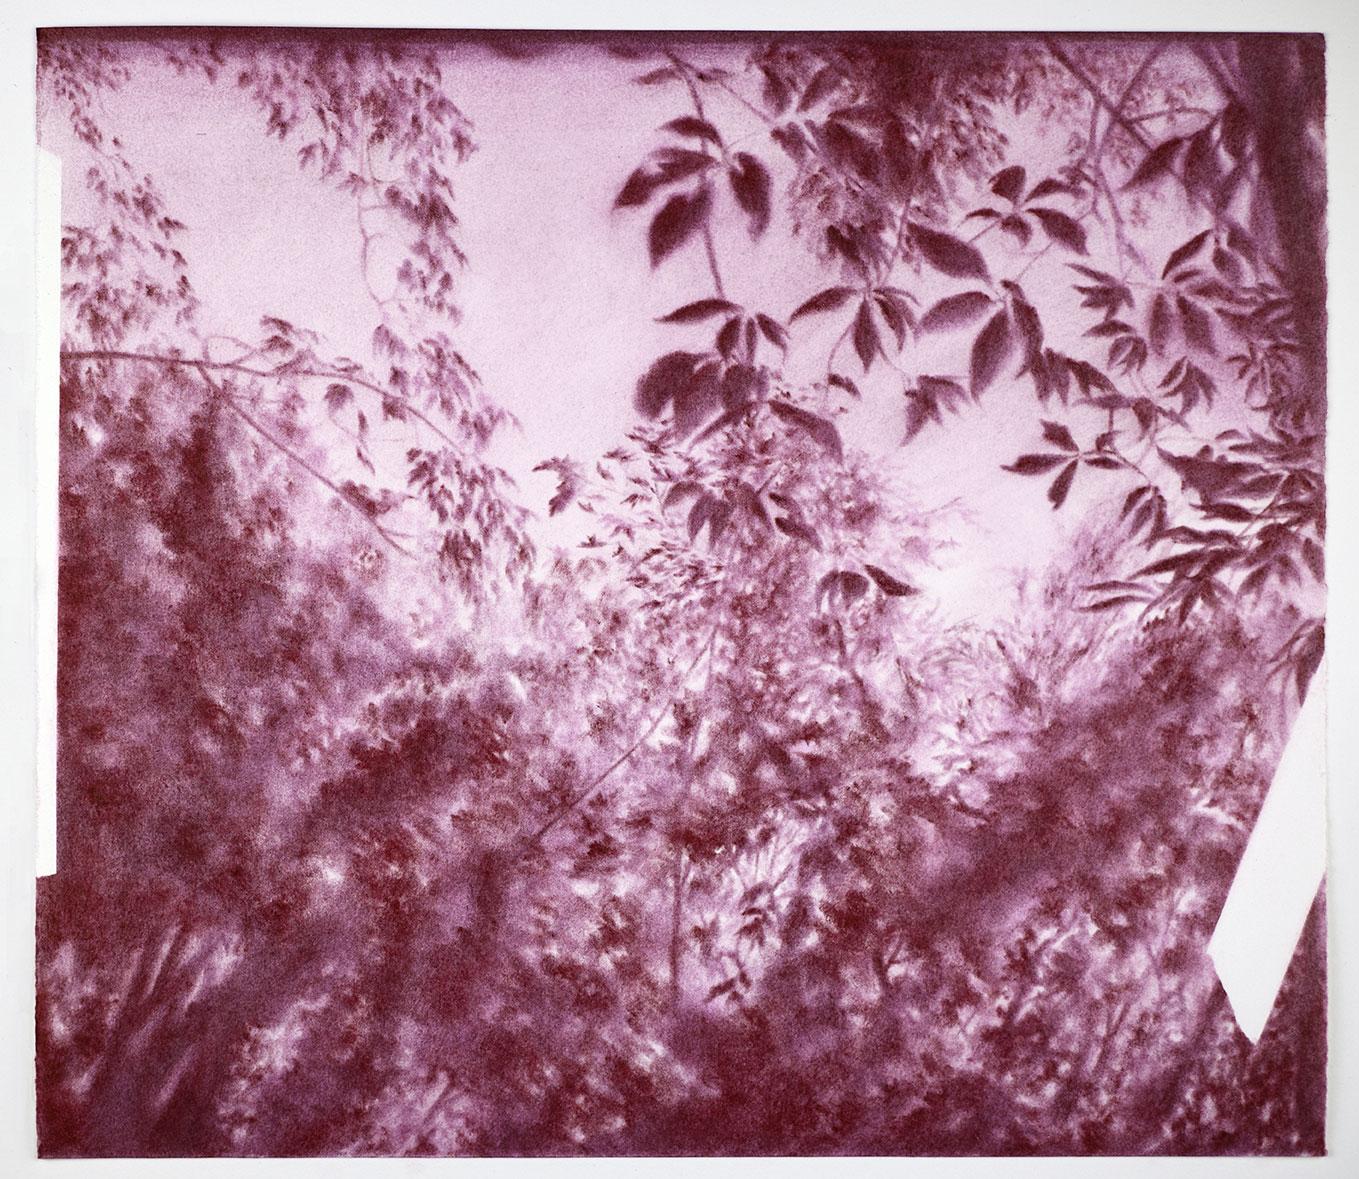 """Andréanne Godin,  Poussière de crépuscule  (de la série  Une promenade avec Pierre ), 2016, pigments secs (violet quinachridone) sur papier Arches, 33 x 38 cm (13"""" x 15"""")"""